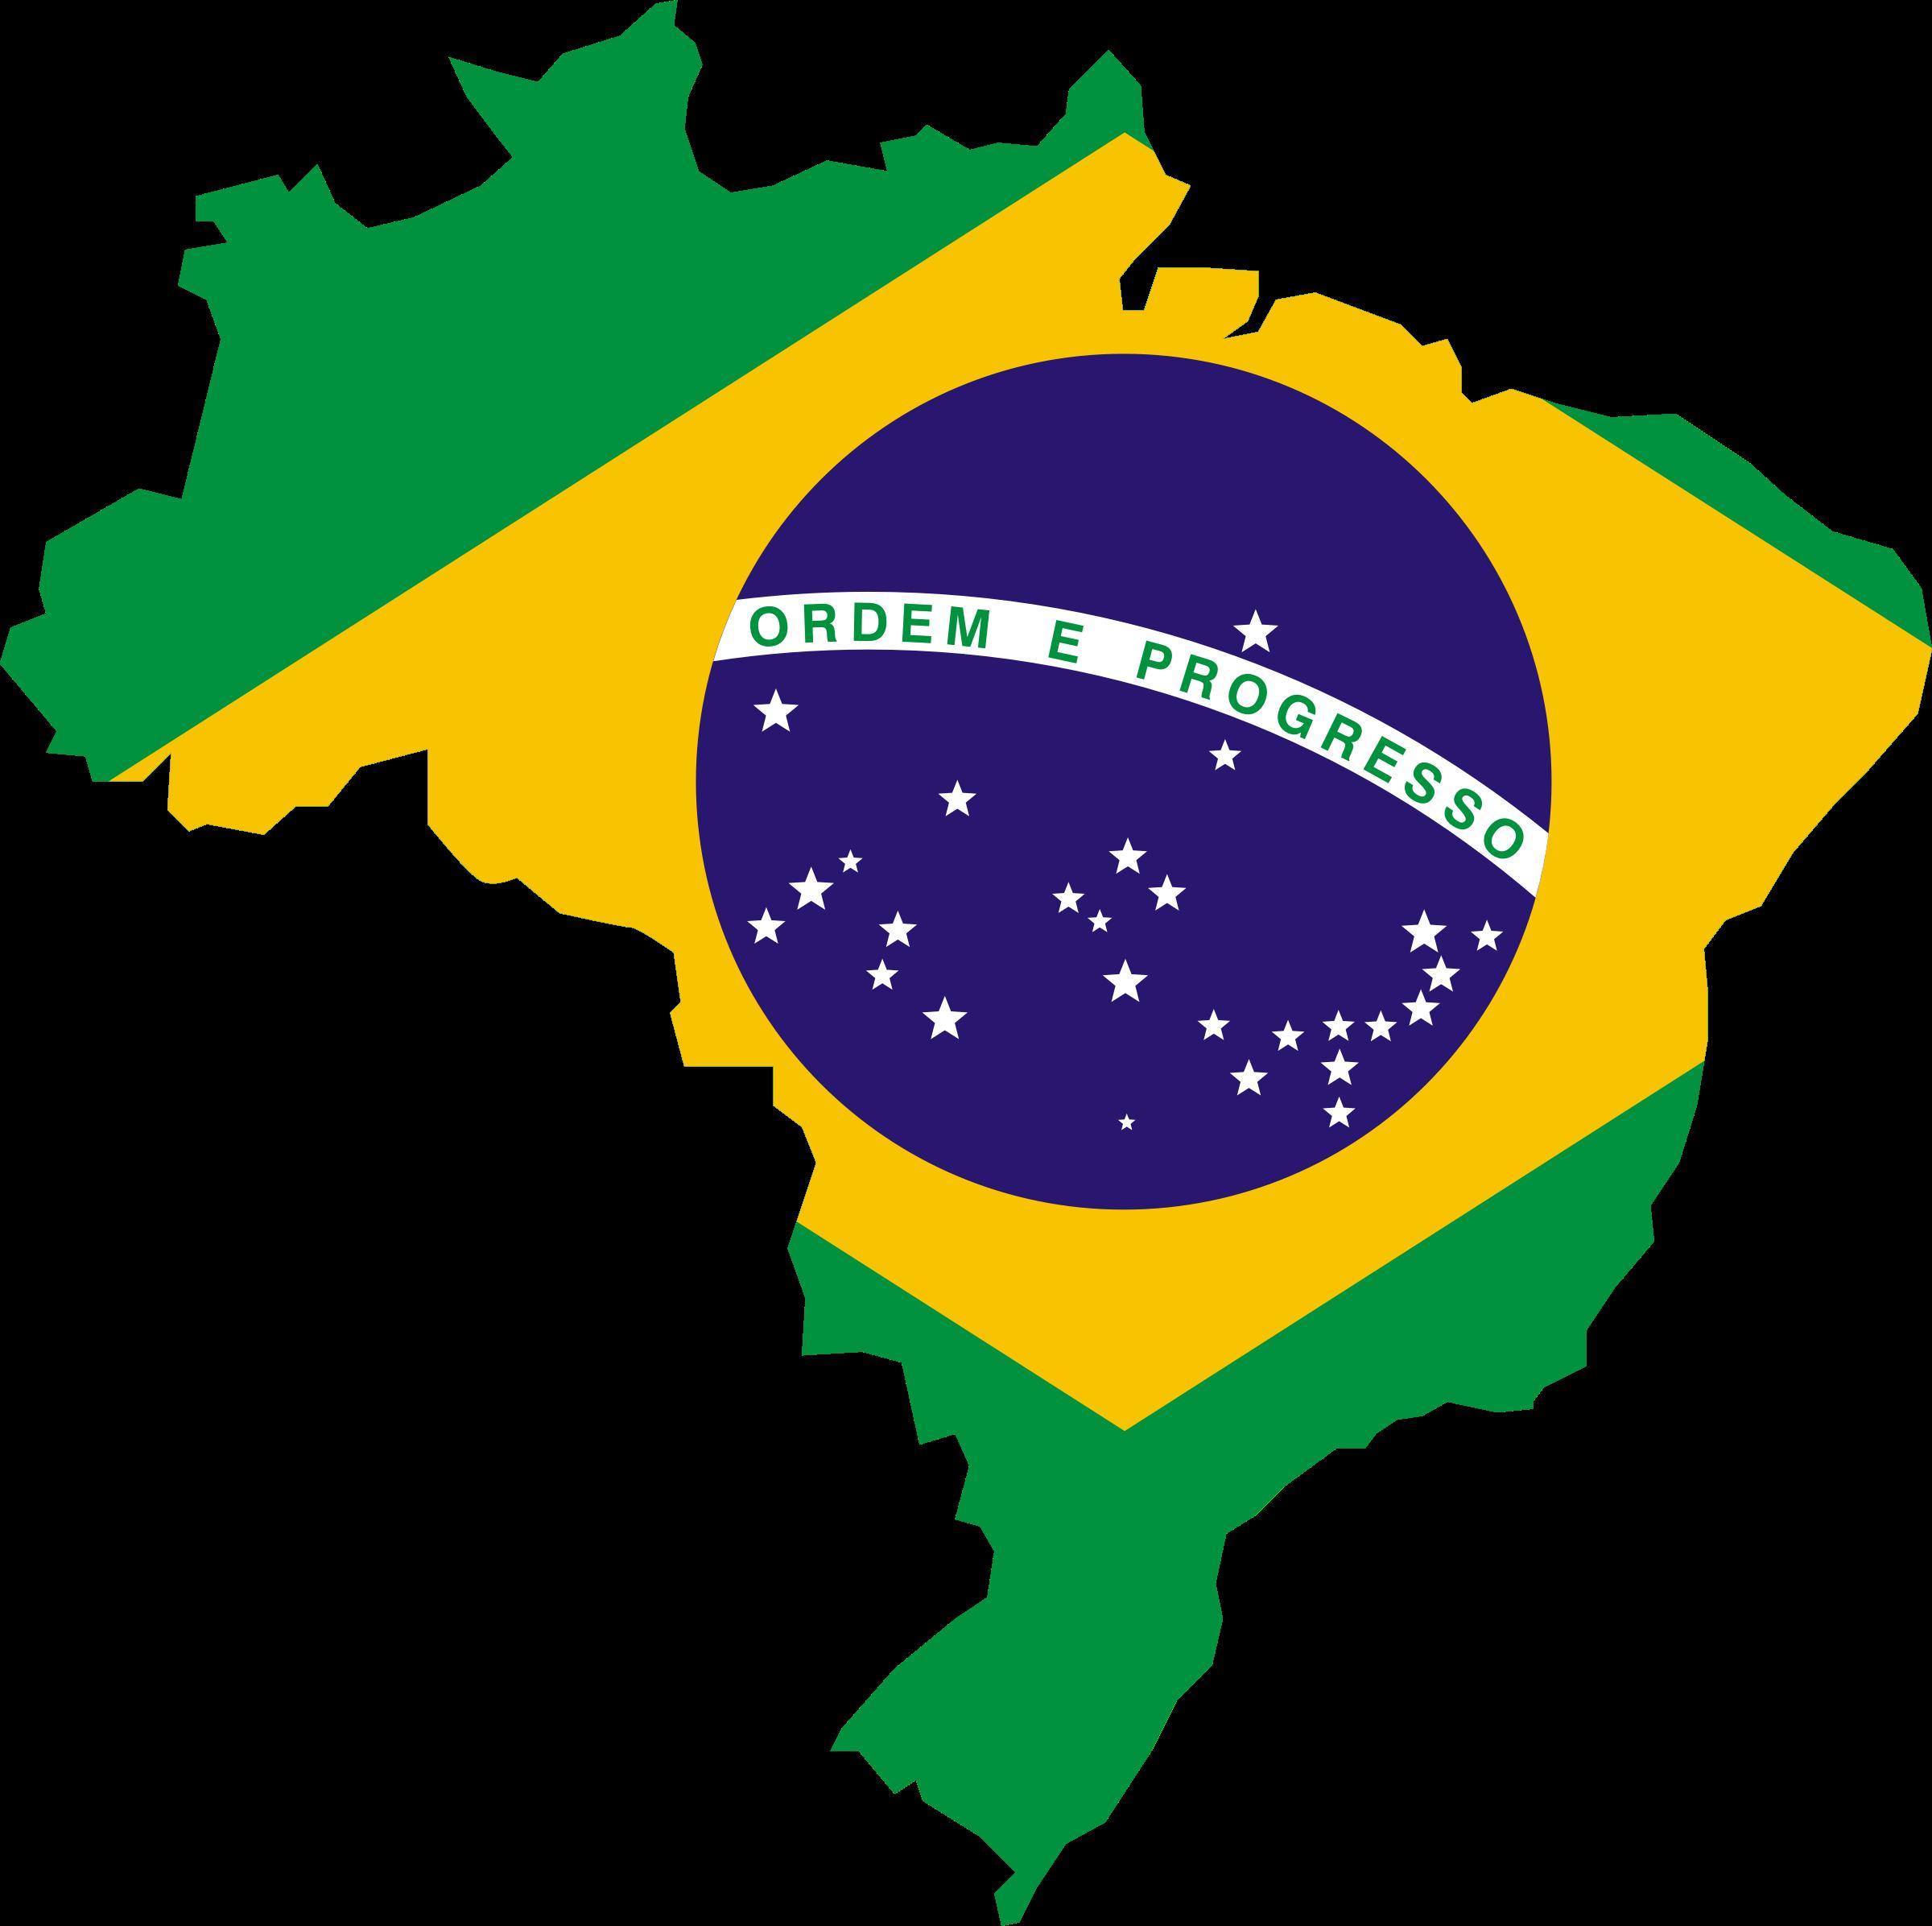 Brazil Visa Lottery Application Form 2018